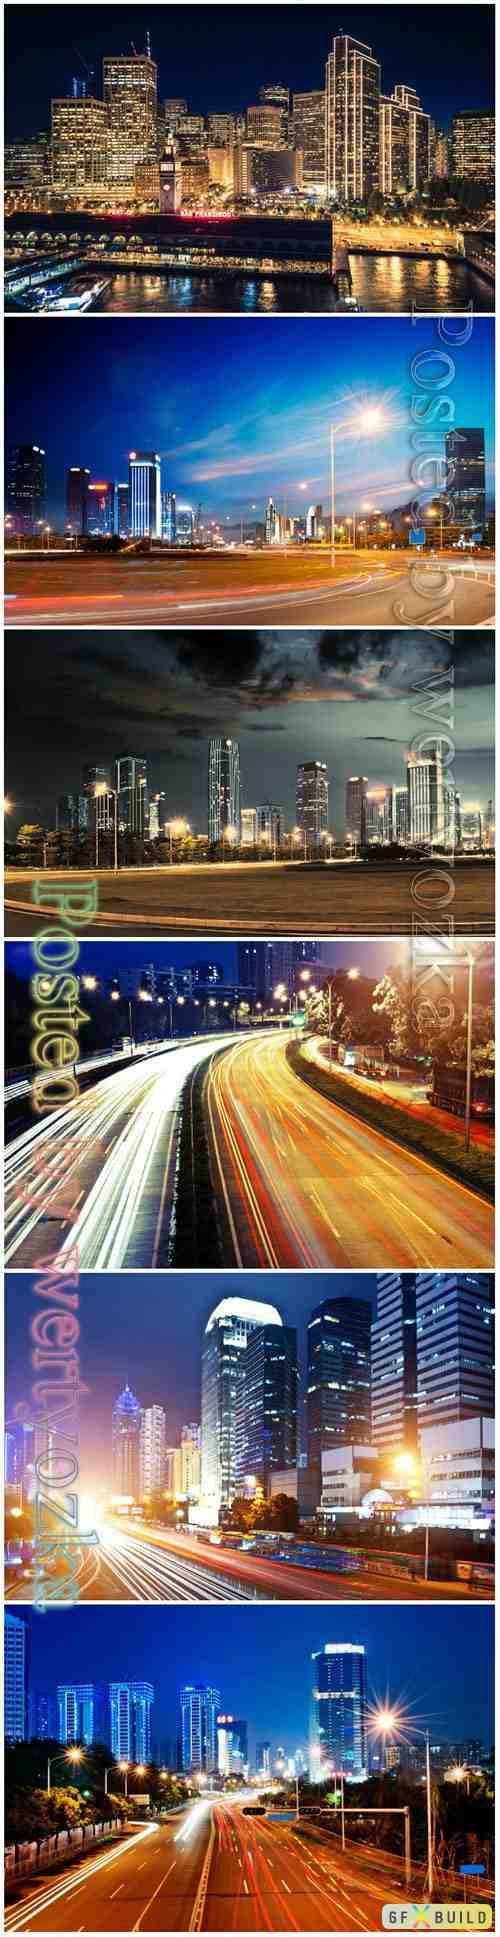 Night city beautiful stock photo